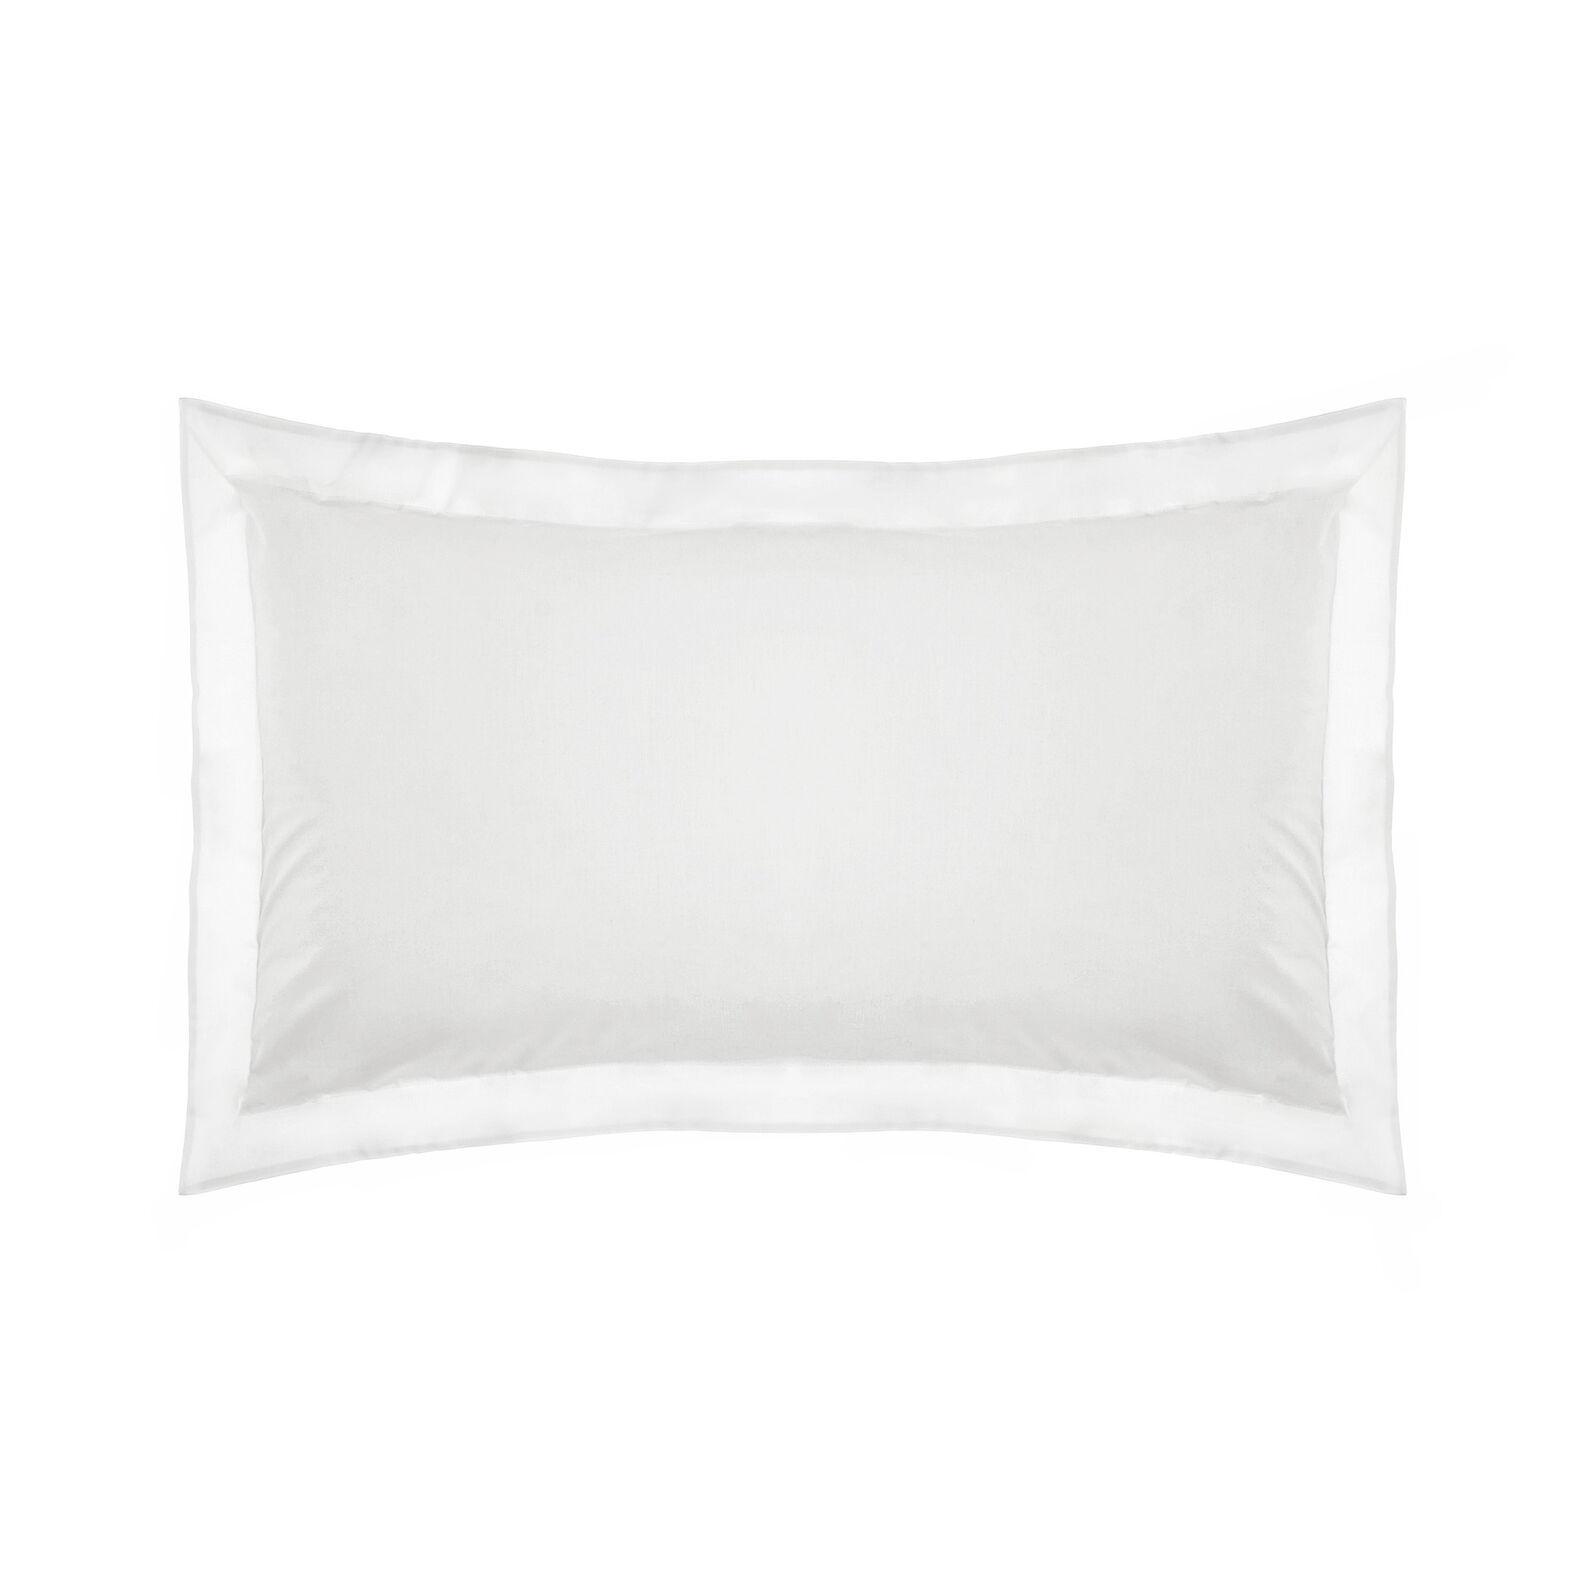 Portofino pure cotton pillowcase with flywheels